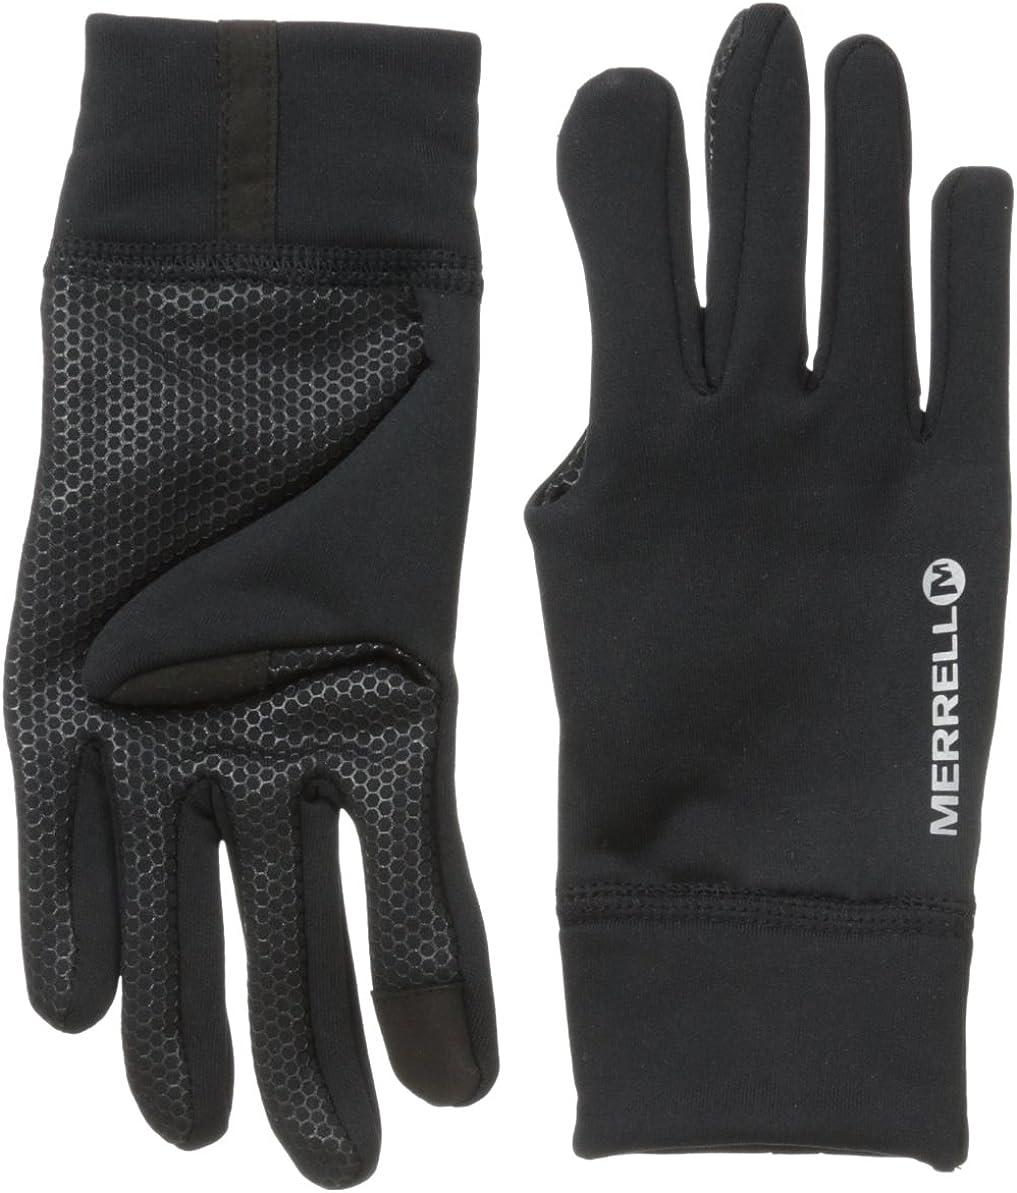 Merrell Women's Grip Glove